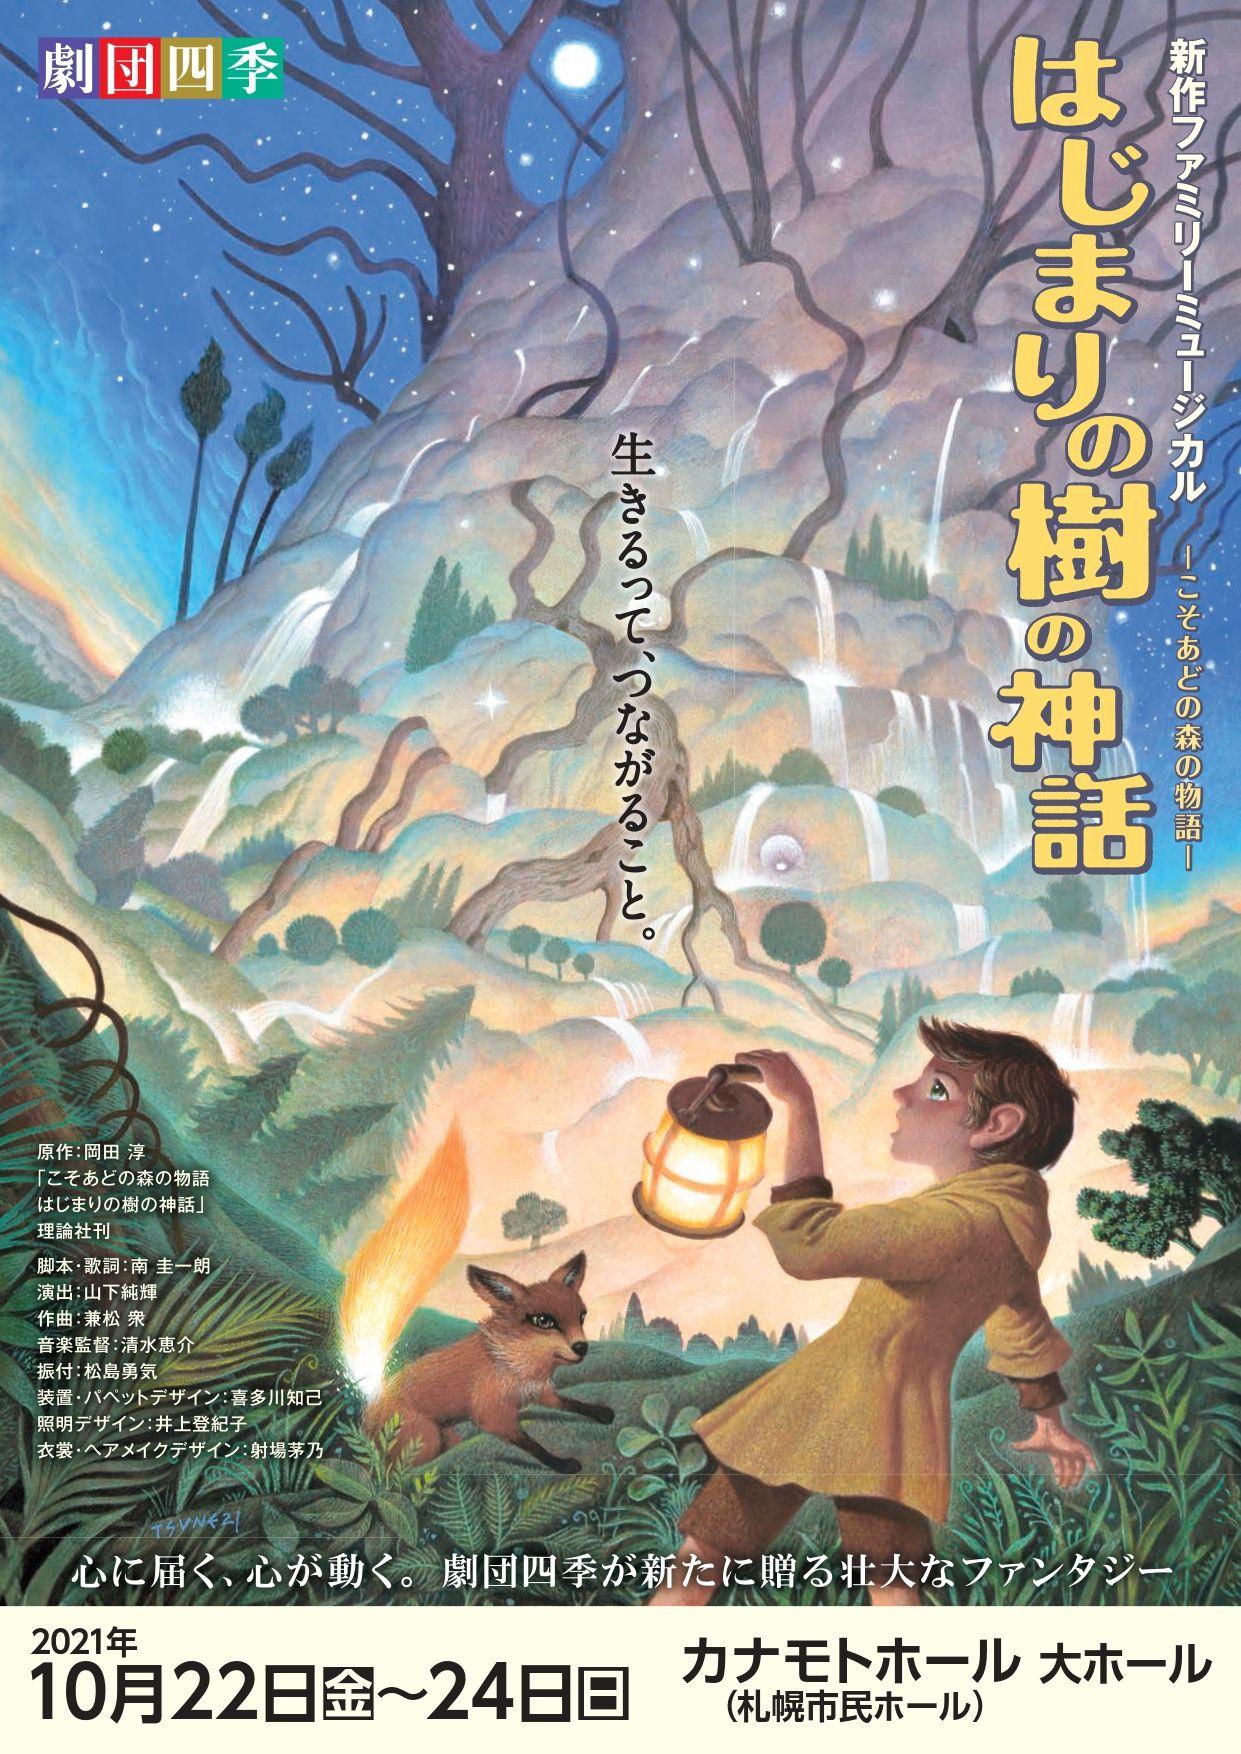 劇団四季新作ファミリーミュージカル『はじまりの樹の神話~こそあどの森の物語~』 イメージ画像